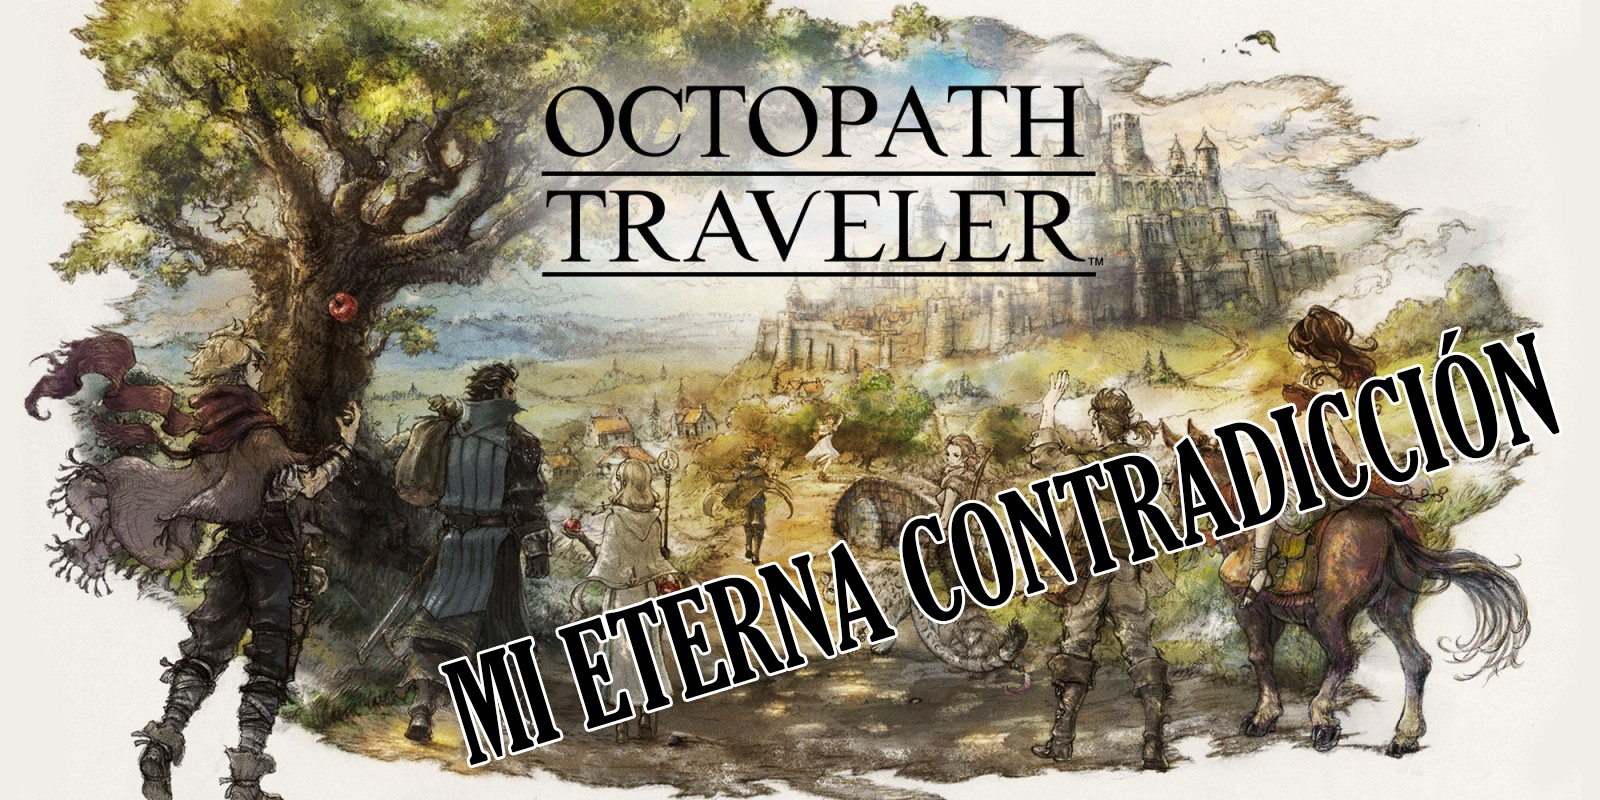 [Opinión] Octopath Traveler, mi eterna contradicción